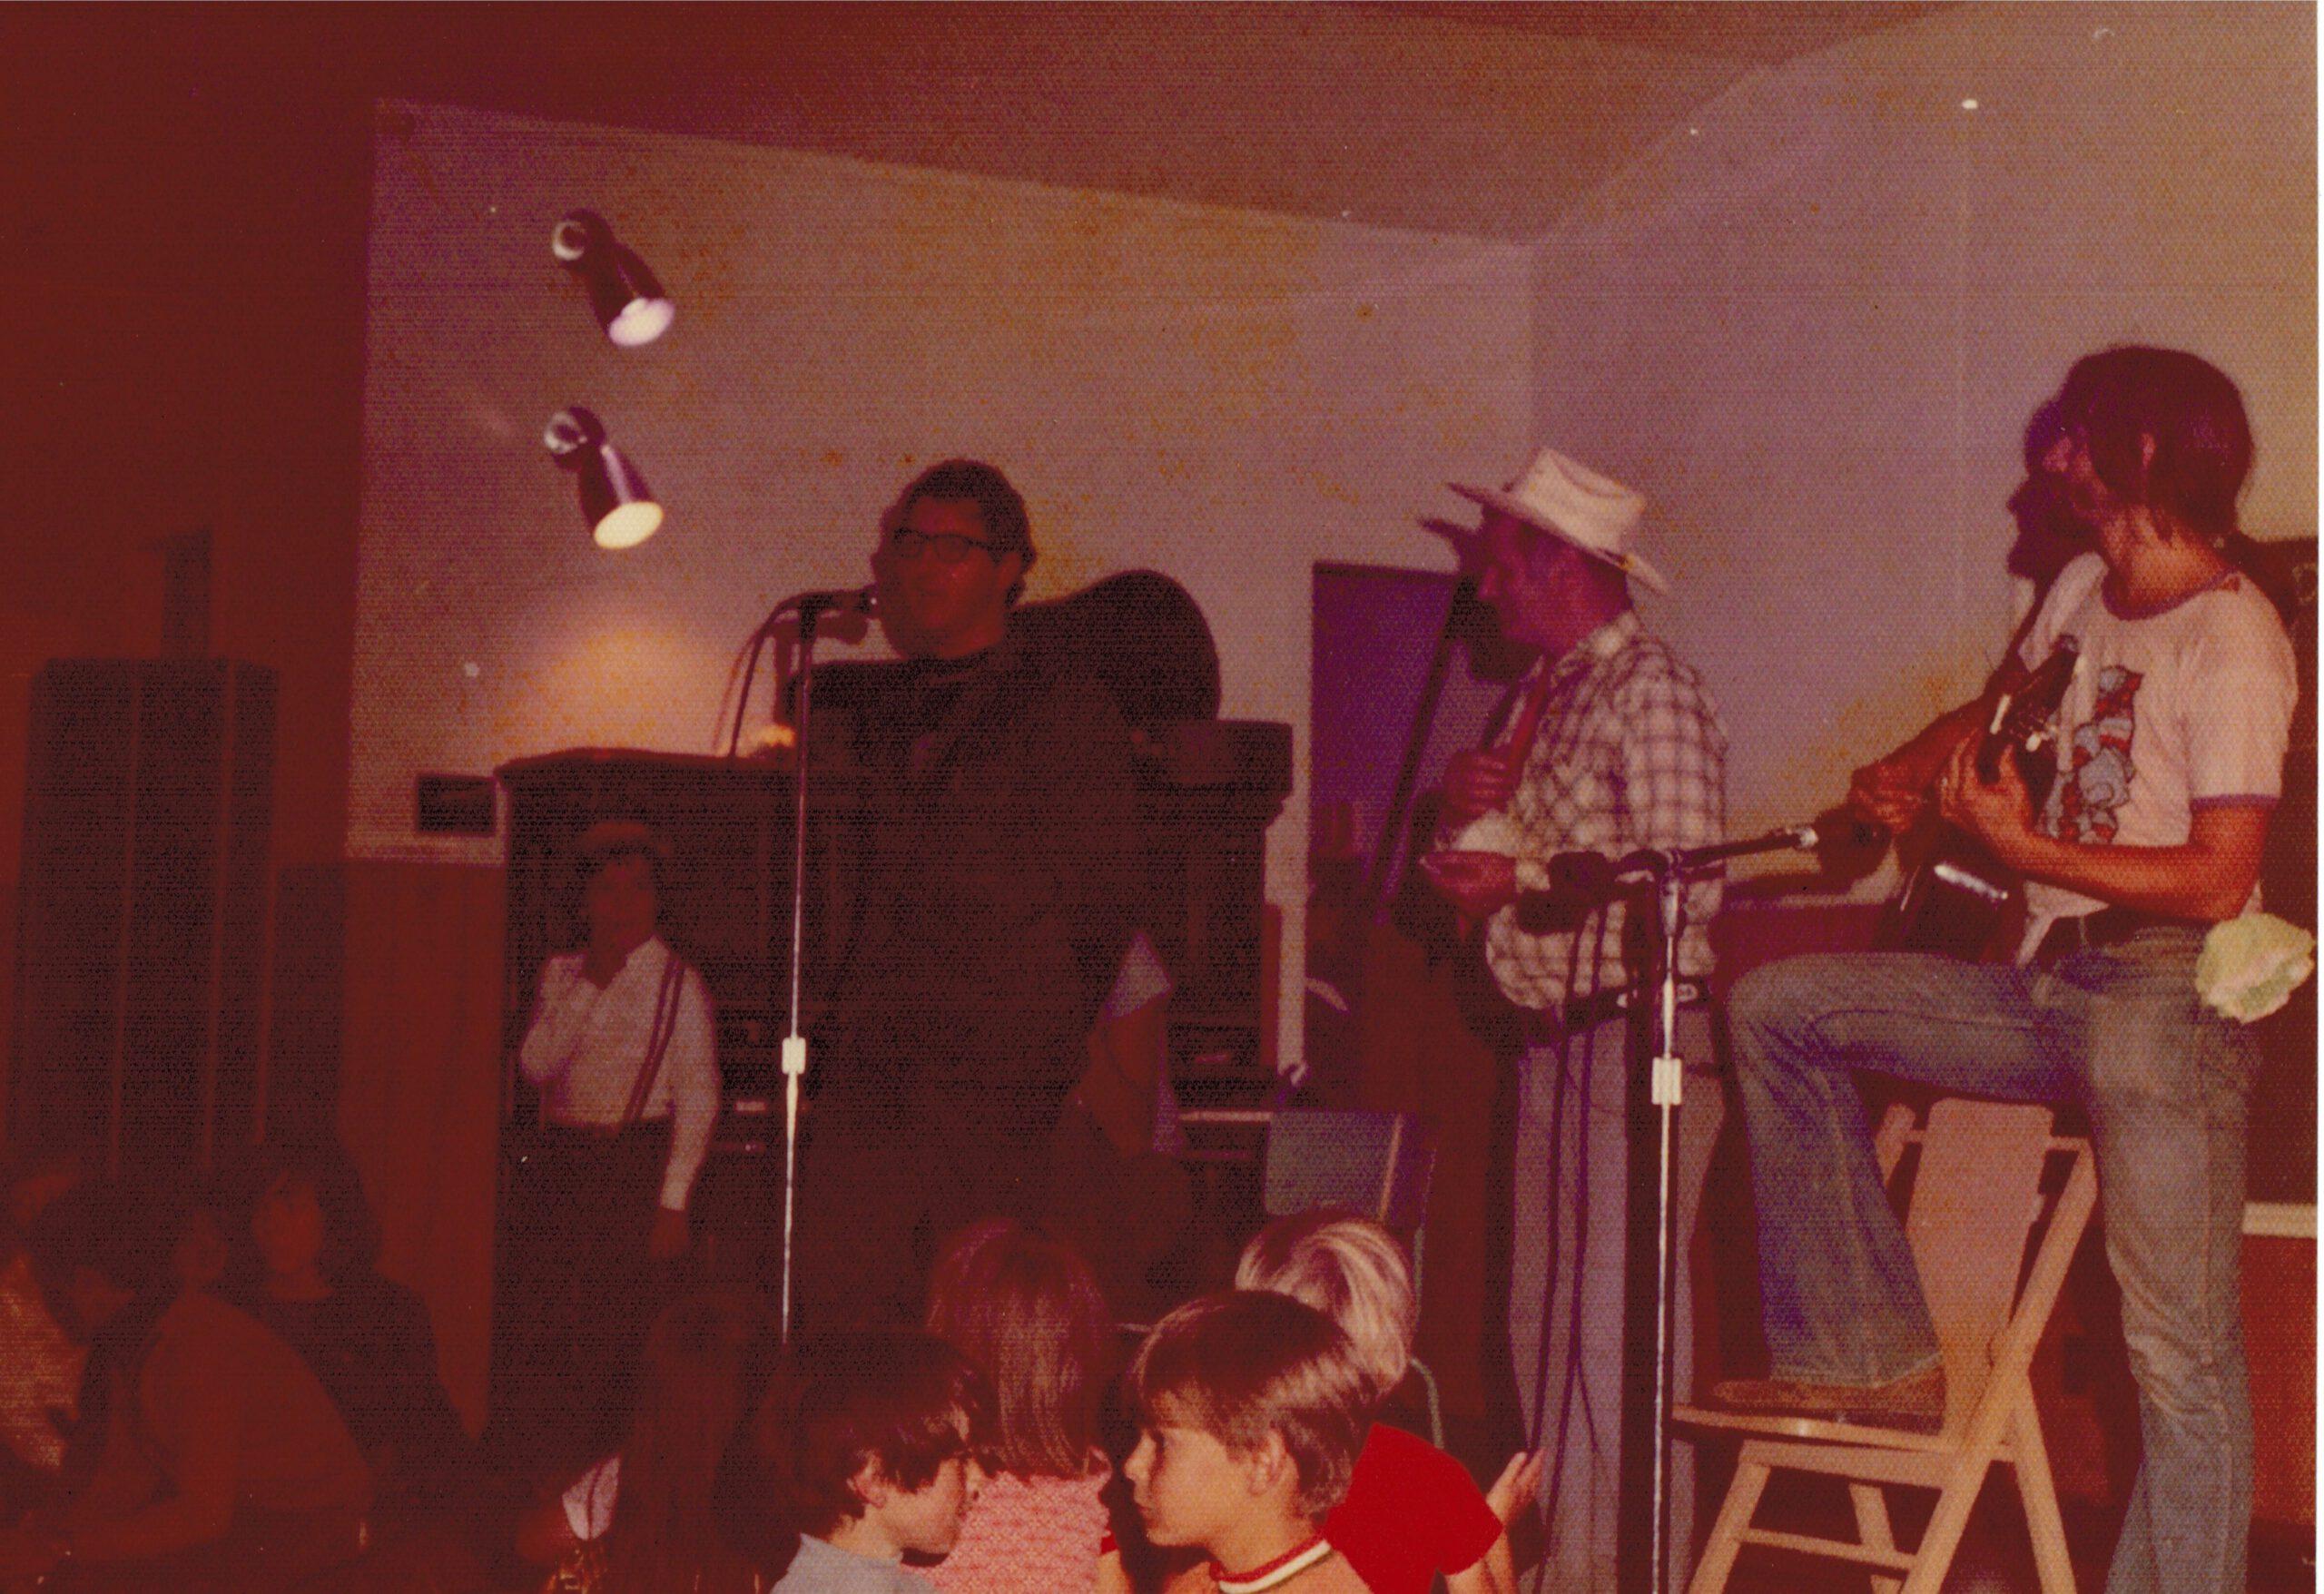 Soirée à la salle municipale, de g à d curé Clifford Greene, Philippe Gagnon, musicien ; photo : Bernard Boucher, date : été 1973